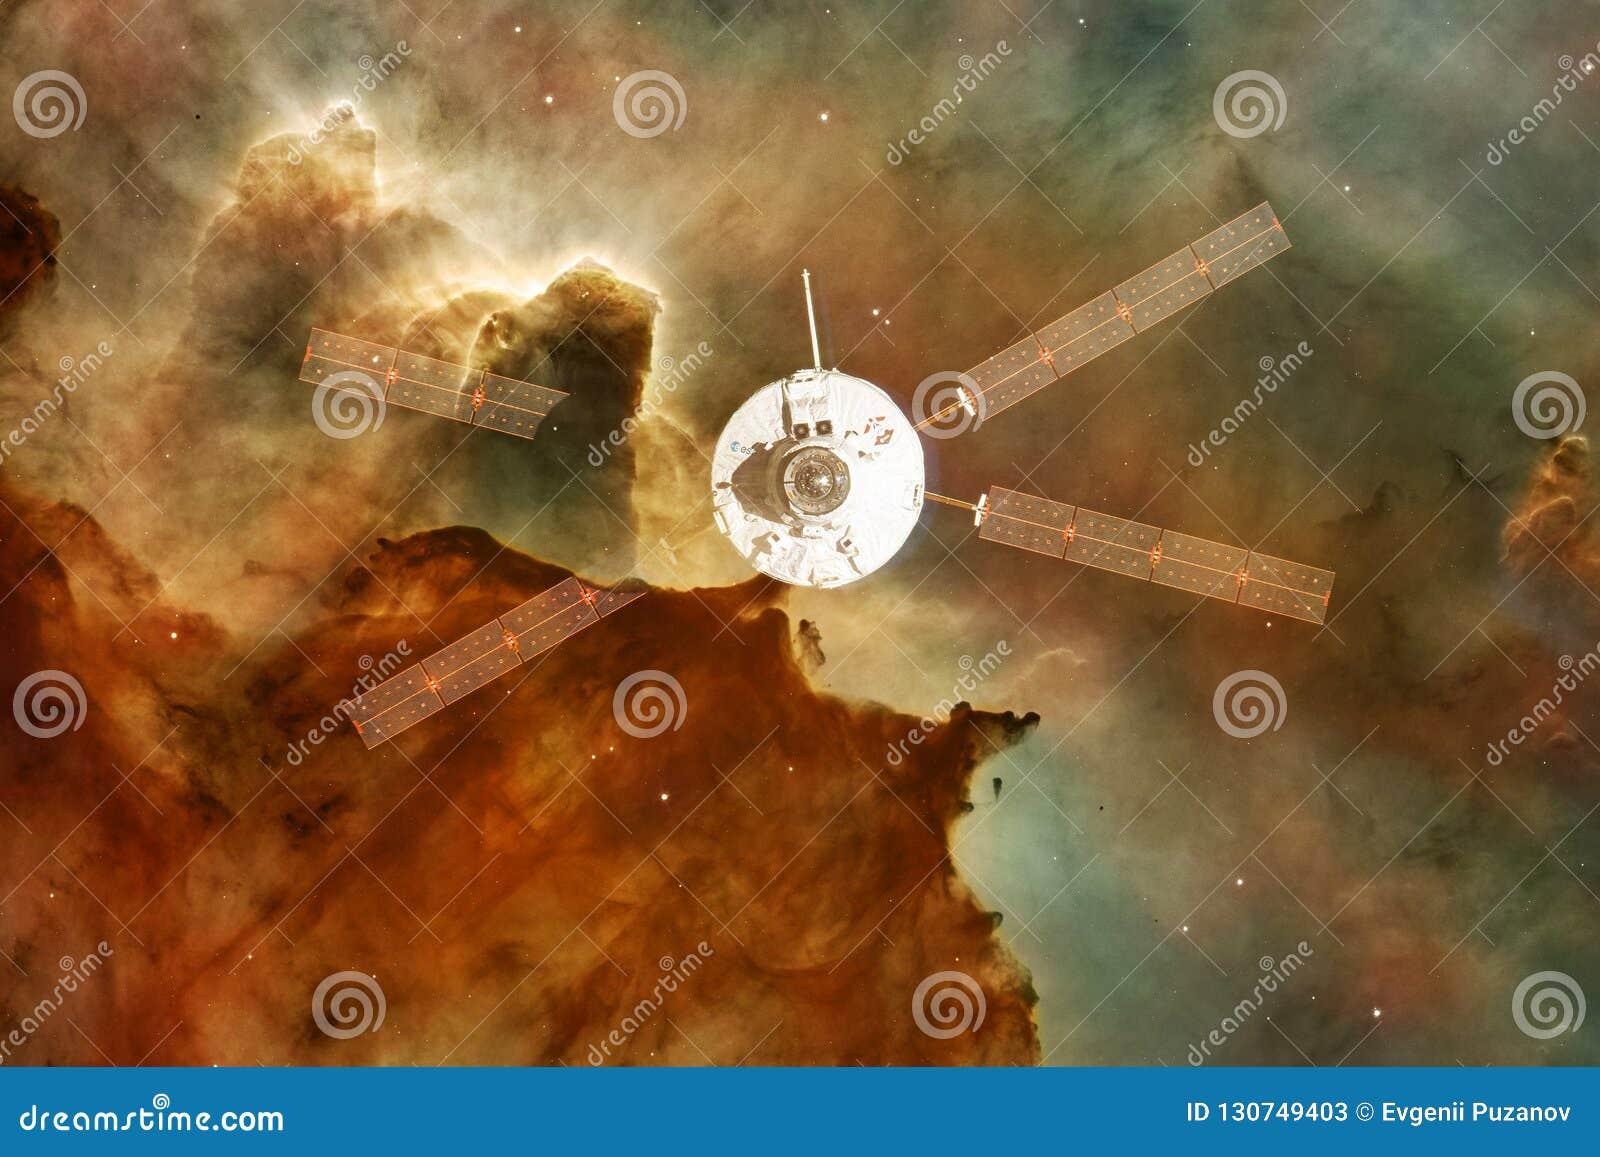 Корабль запустить Красота космического пространства